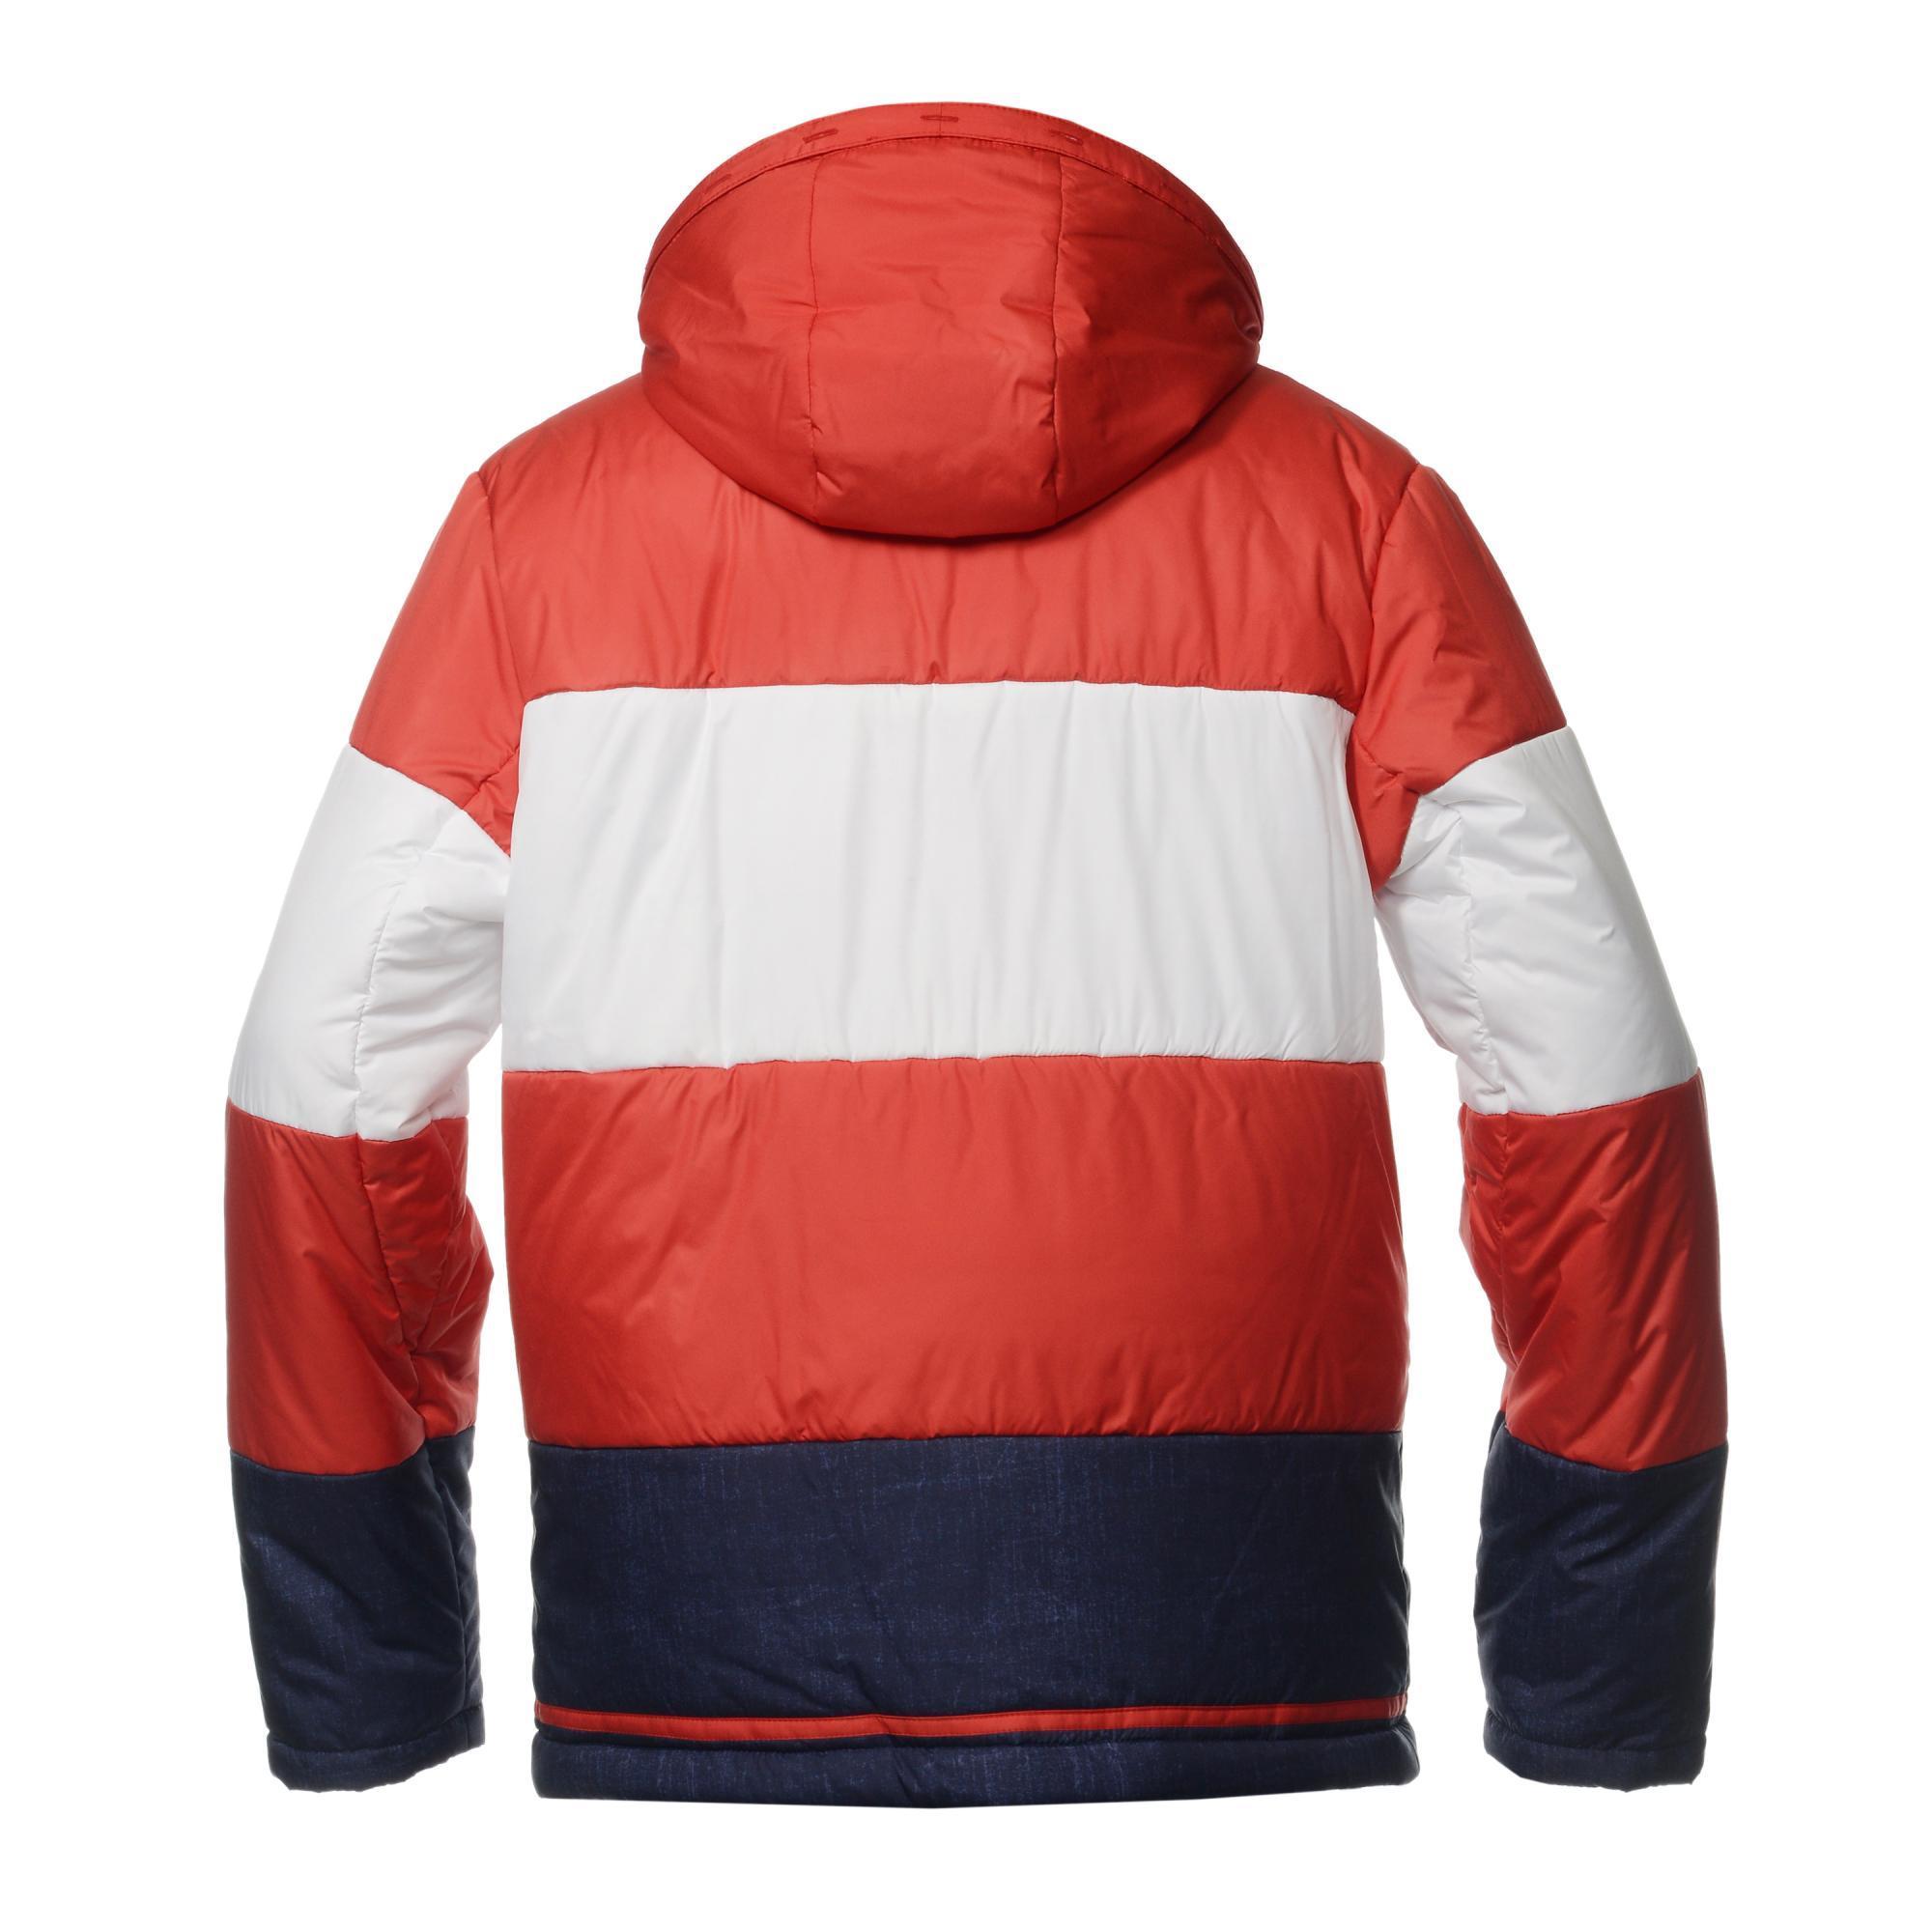 Мужская горнолыжная одежда Almrausch Steinpass 320109-1826 красная фото